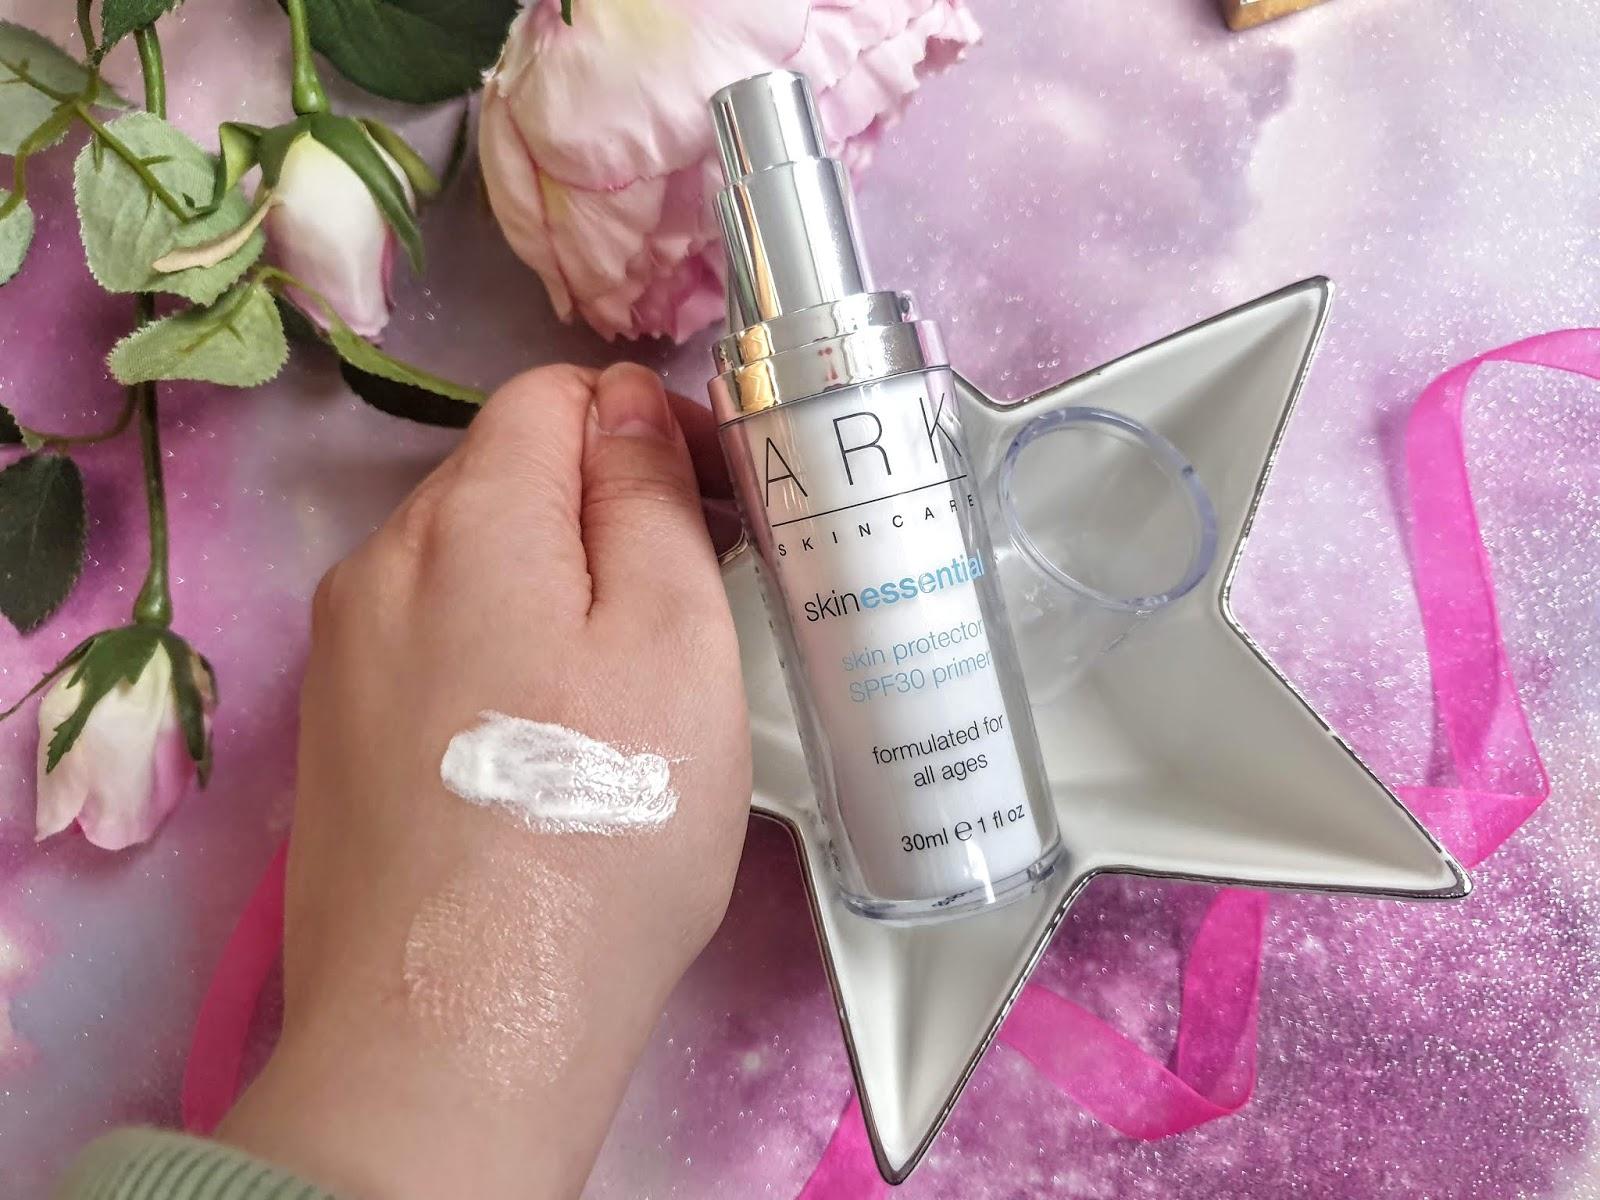 Ark Skincare Skin Protector SPF 30 Primer | Review